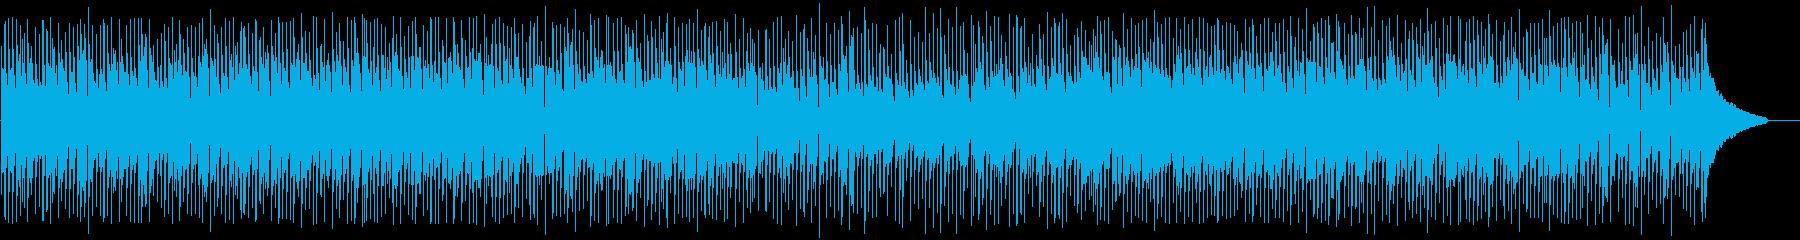 明るく軽快なアップテンポ和風/三味線と琴の再生済みの波形